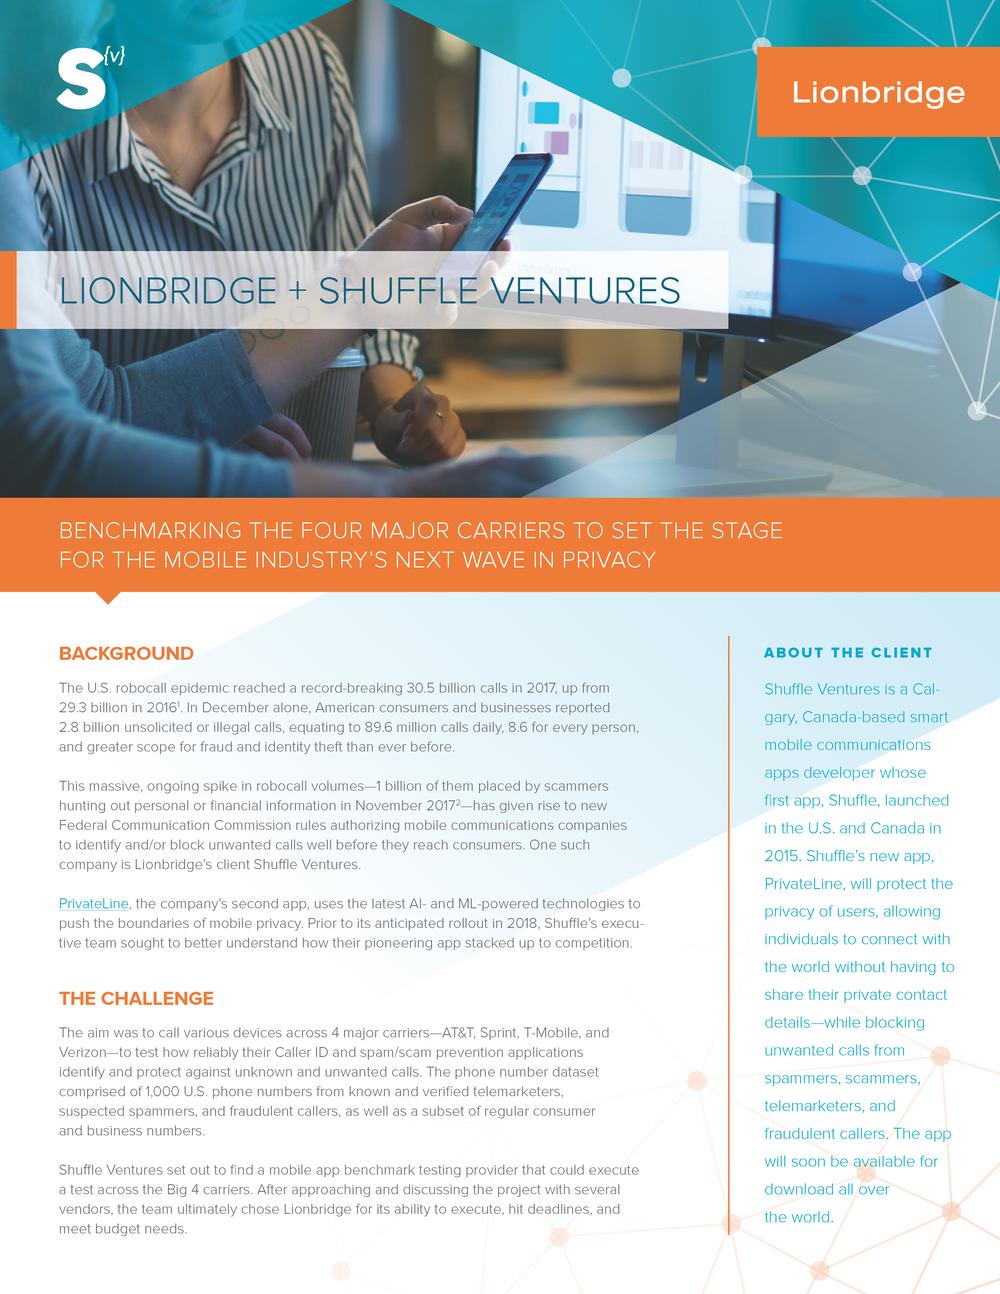 CASE STUDY:  Lionbridge + Shuffle Ventures